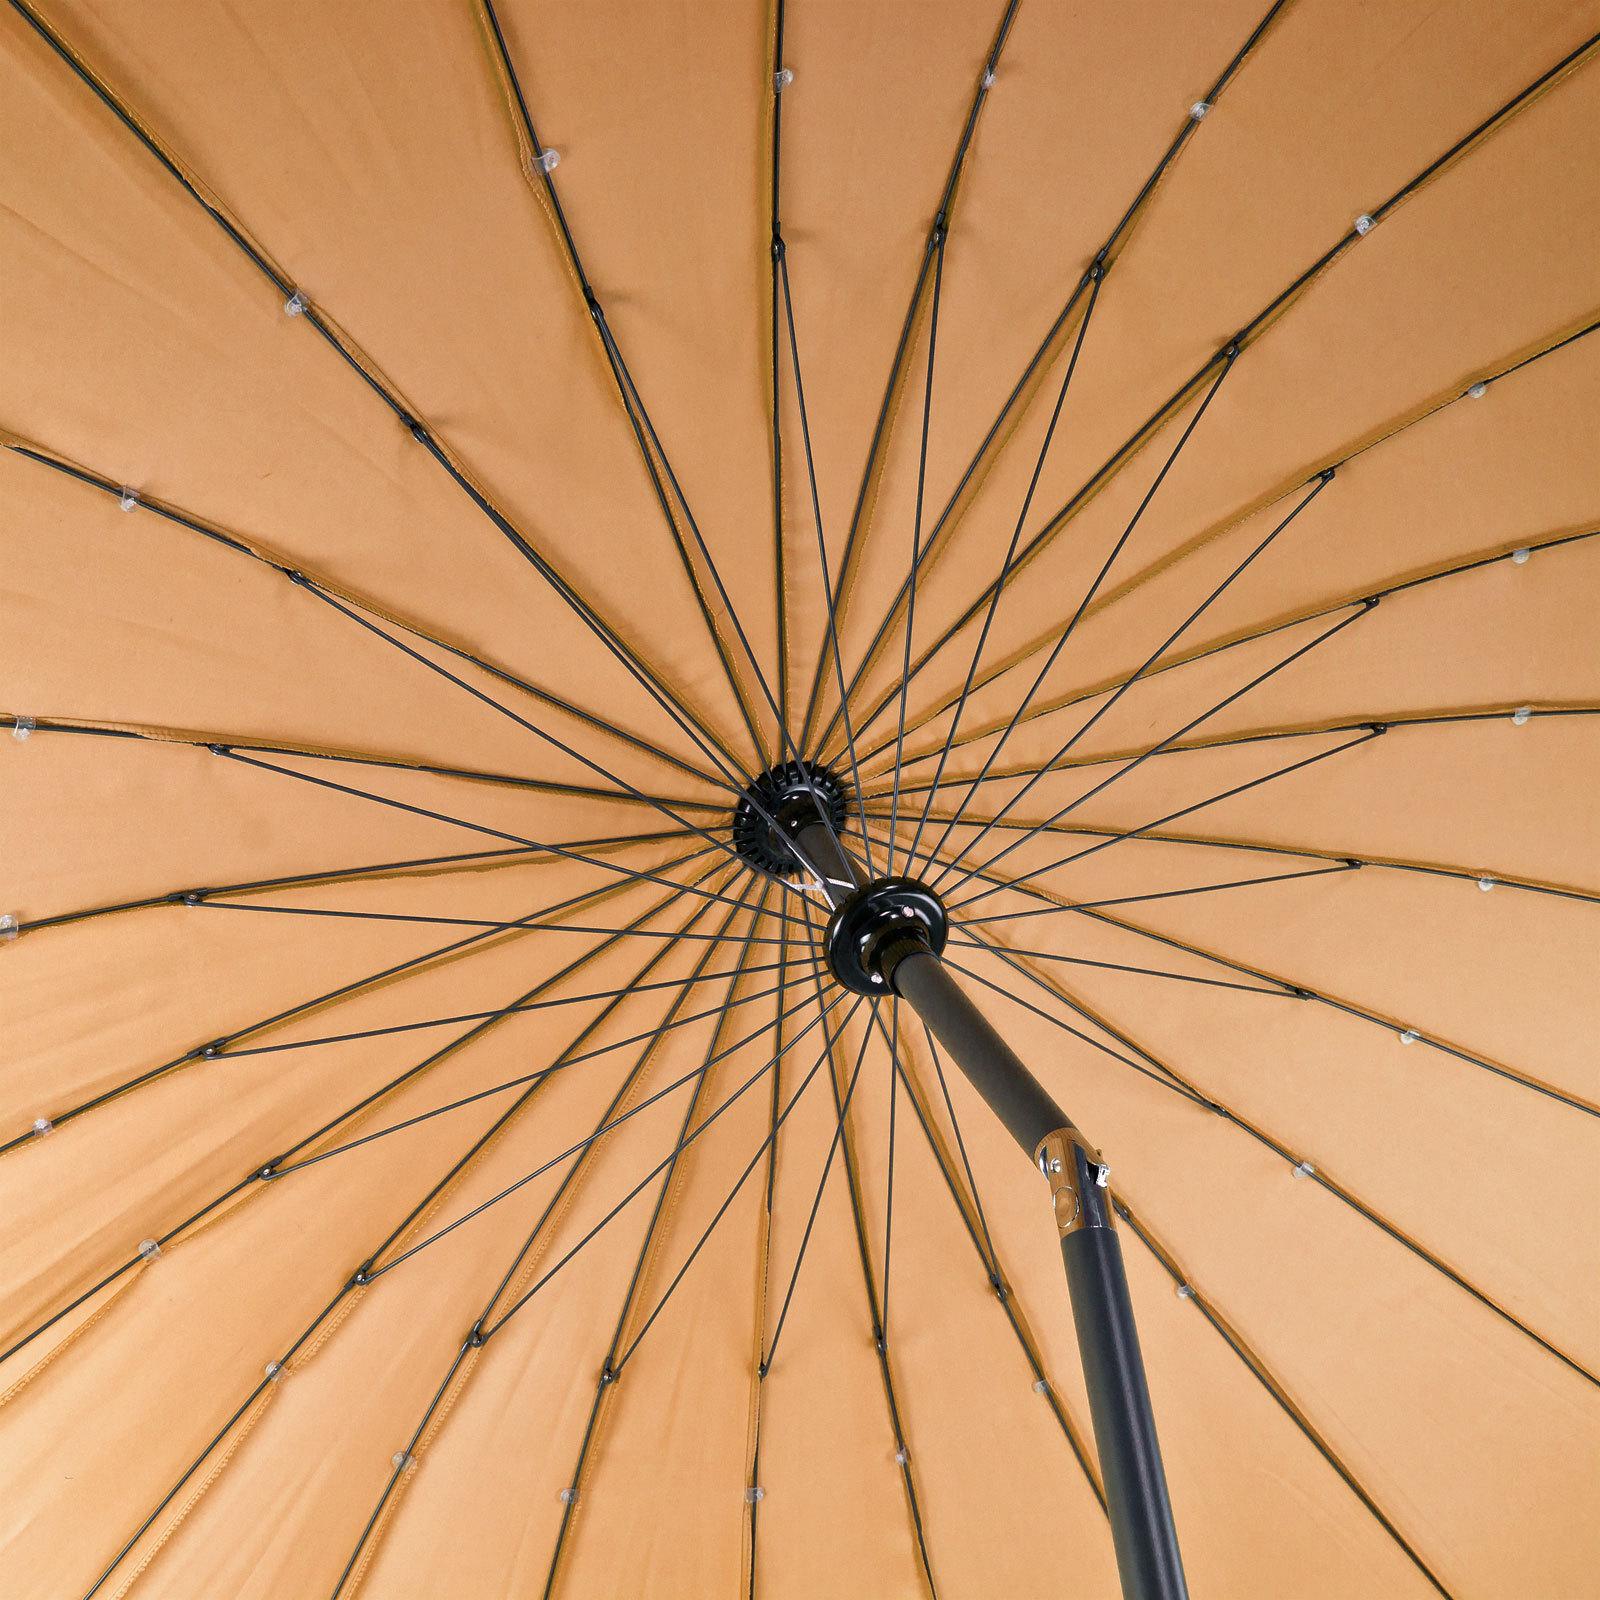 sonnenschirm gartenschirm sonnenschutz schirm rund 2 5m braun hellbraun ebay. Black Bedroom Furniture Sets. Home Design Ideas